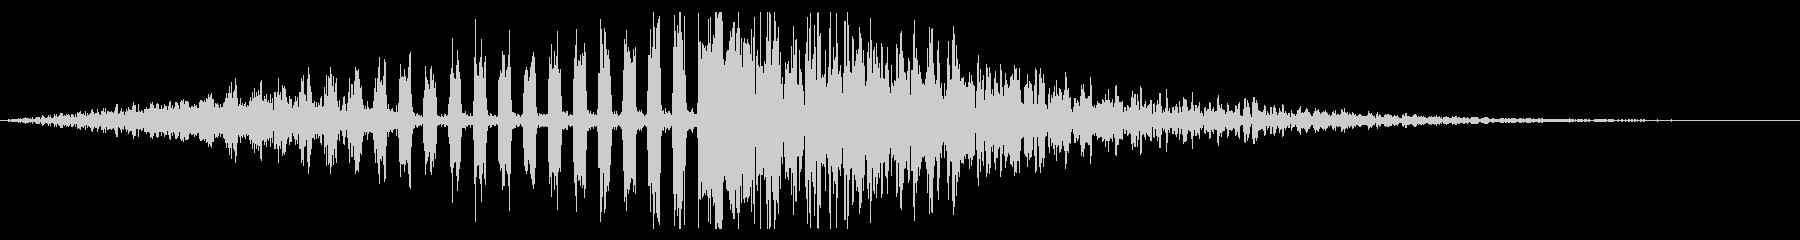 ホラー系アタック音135の未再生の波形